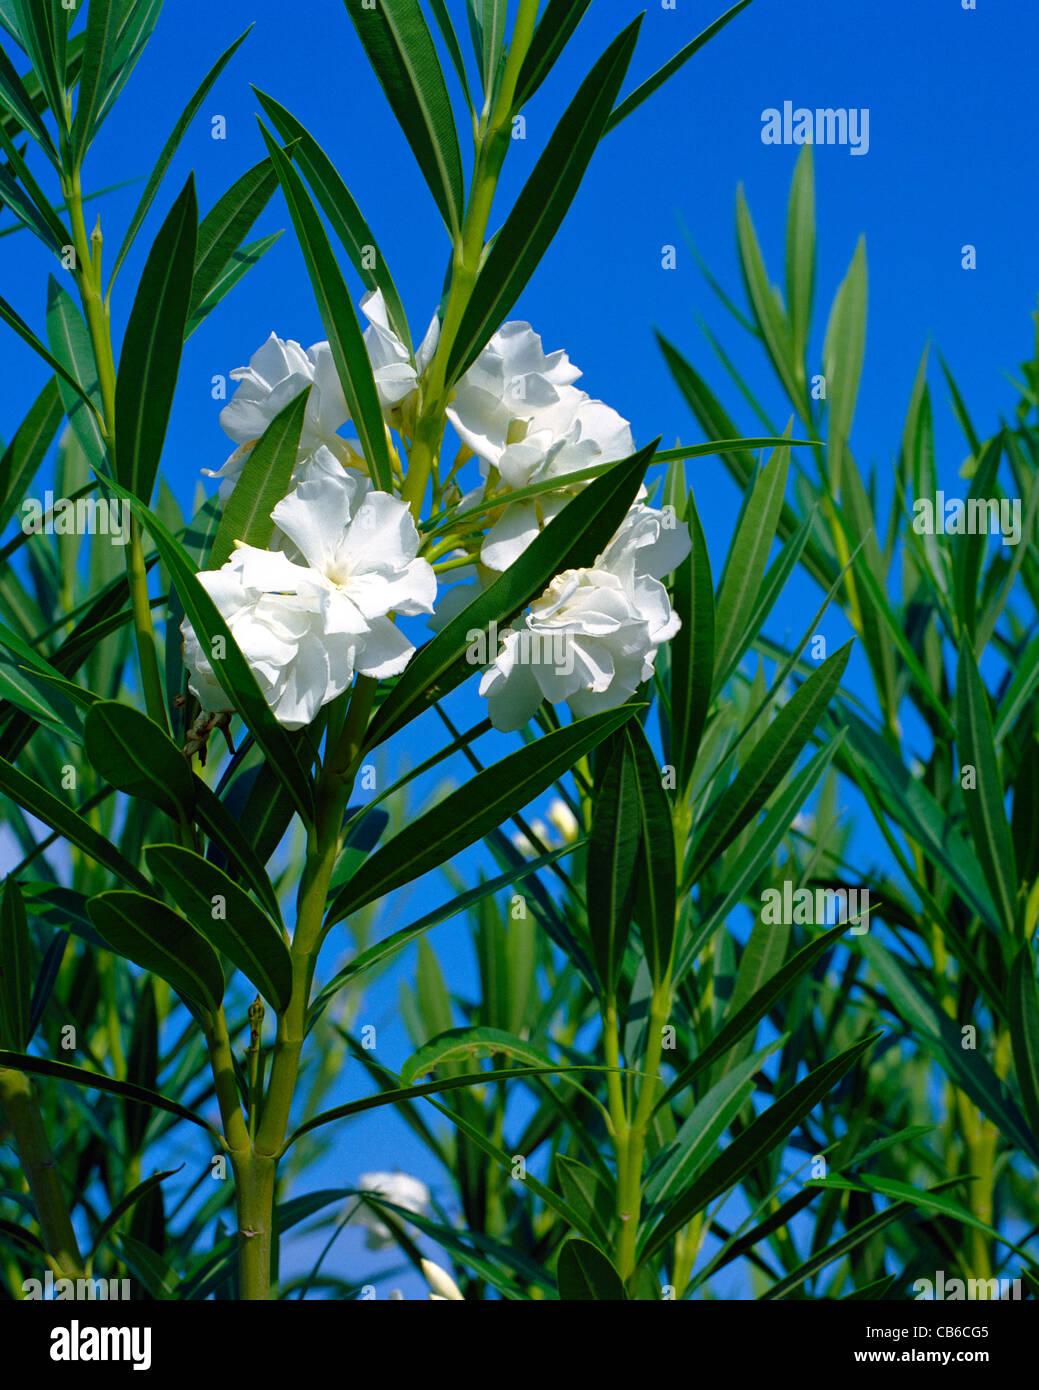 White flower of nerium oleander against blue sky big island hawaii white flower of nerium oleander against blue sky big island hawaii mightylinksfo